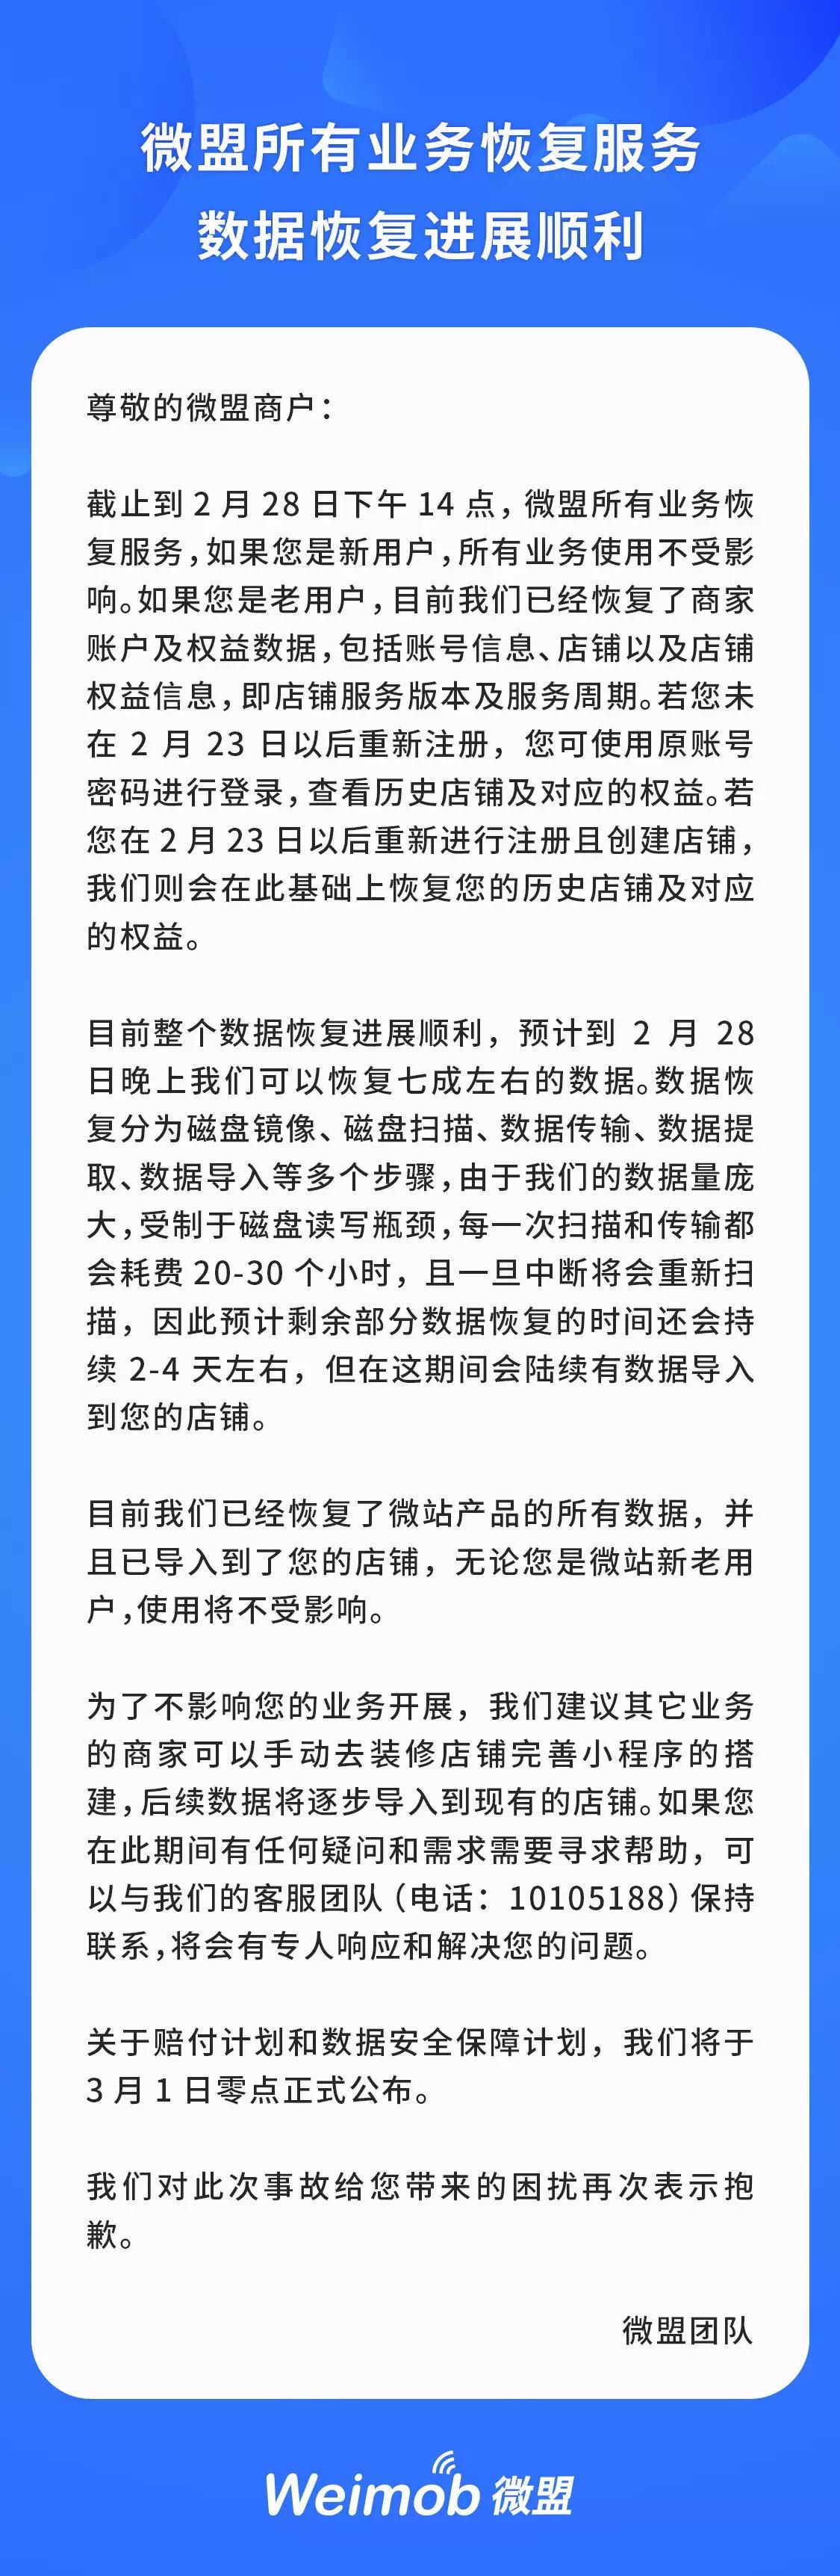 微盟:所有业务已恢复,赔付计划将于3月1日公布_B2B_电商报